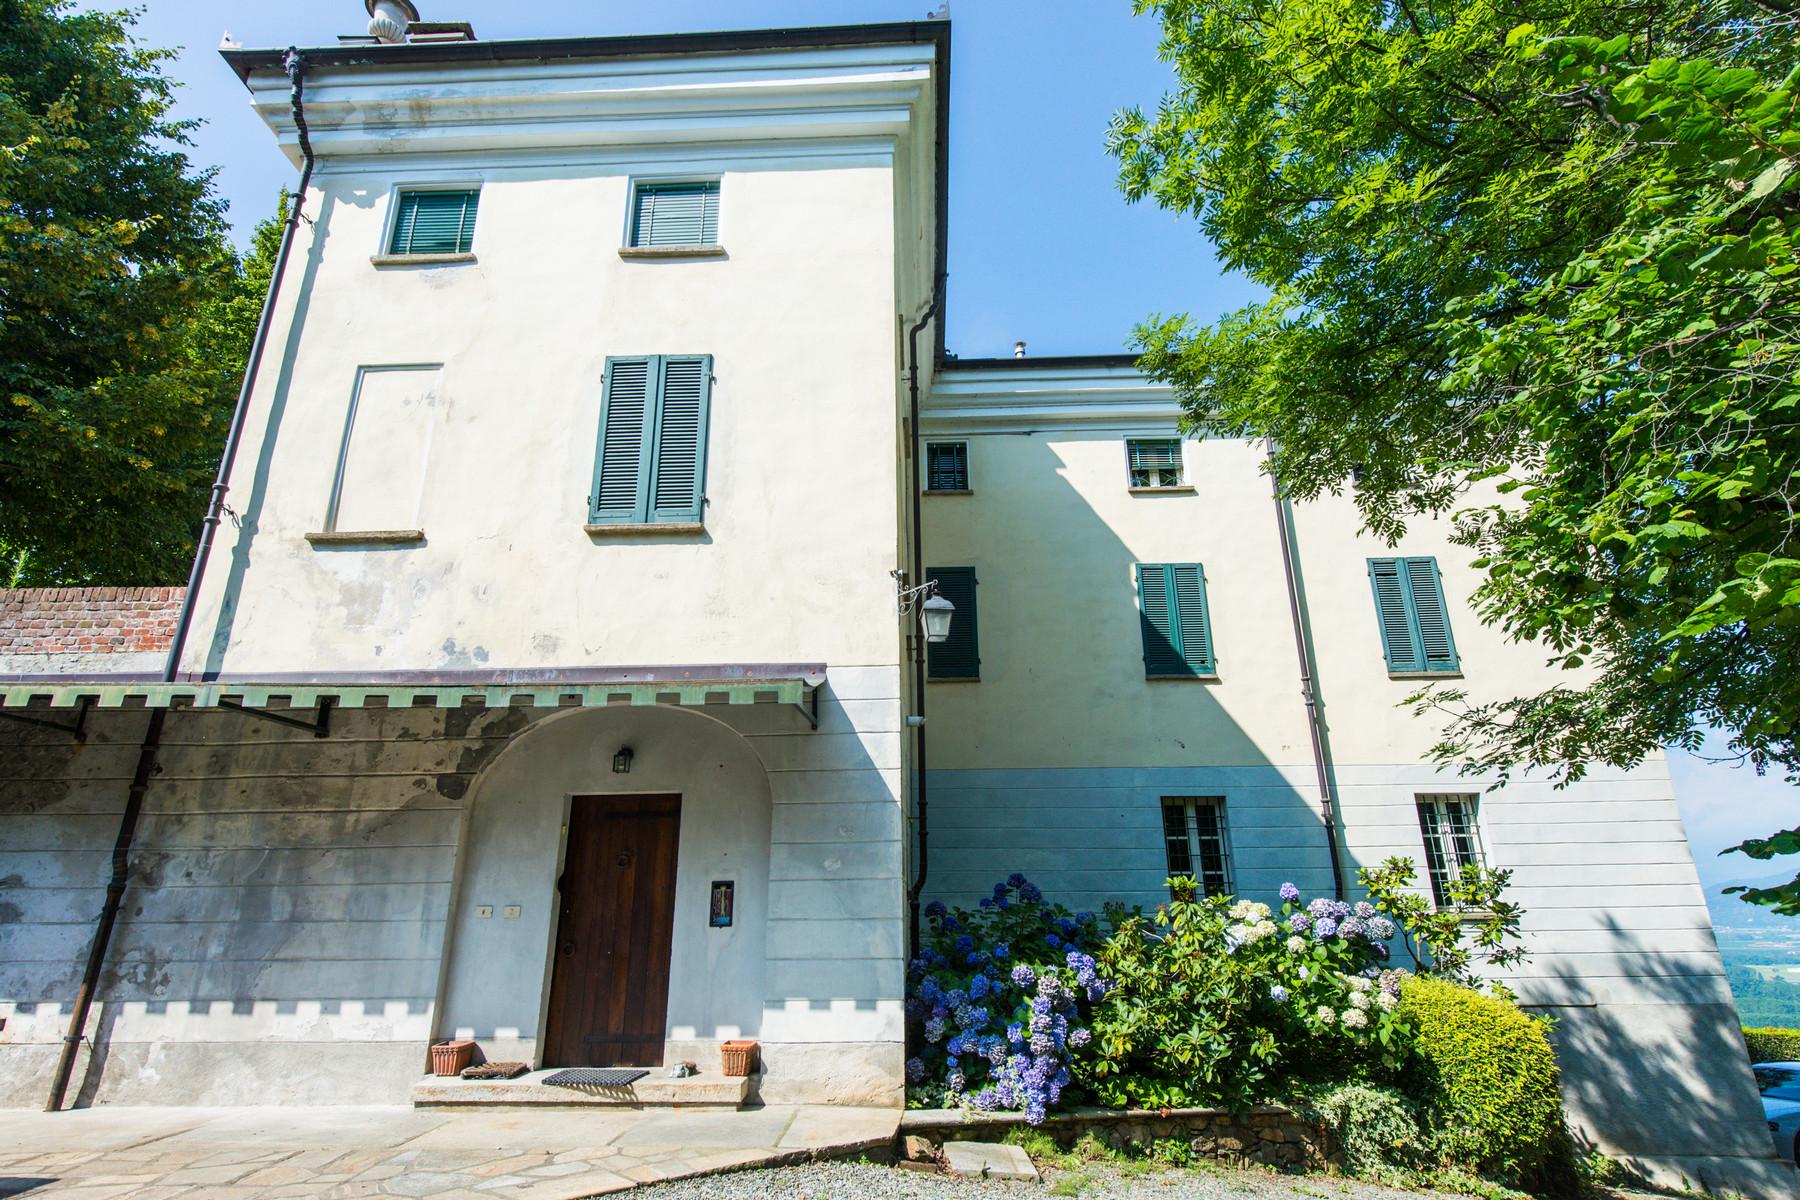 Villa in Vendita a Saluzzo: 5 locali, 900 mq - Foto 28